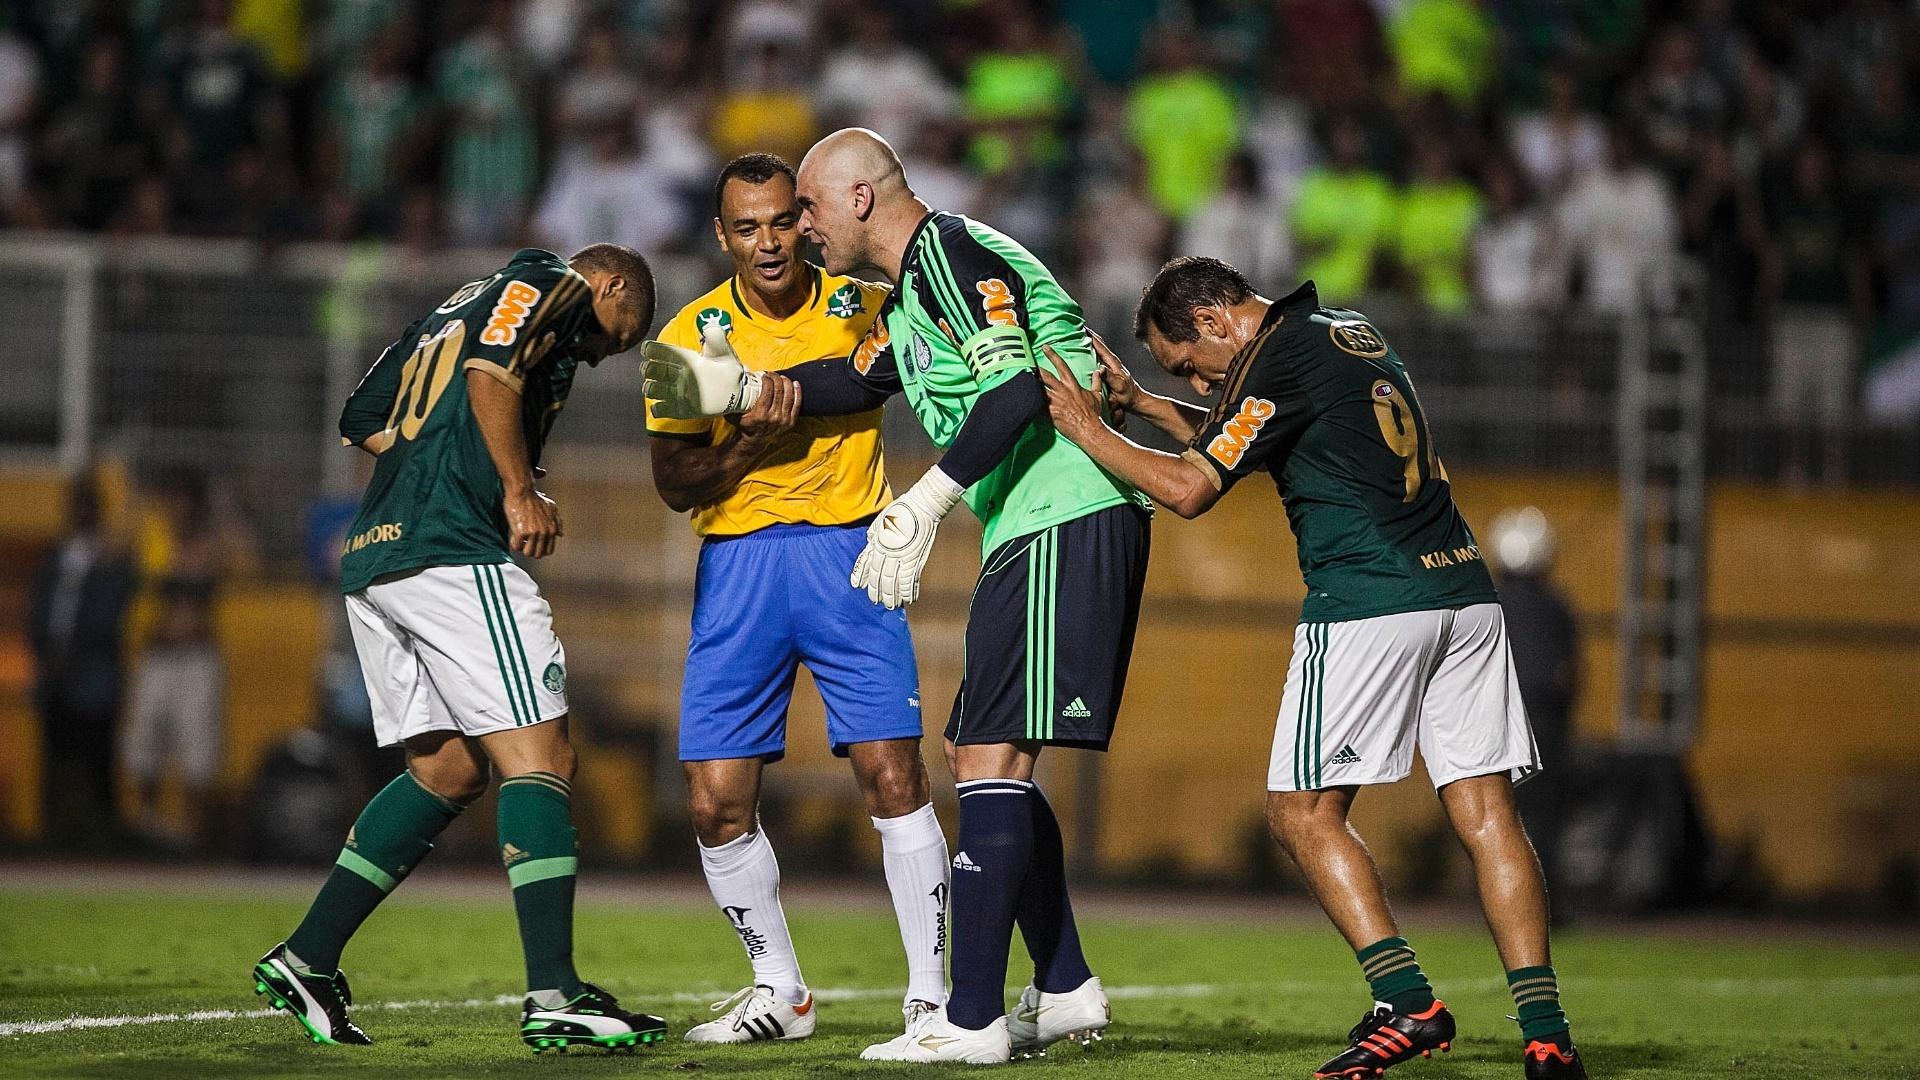 11.dez.2012 - Edmundo, Cafu e Alex empurram Marcos para que o goleiro cobre pênalti a favor do Palmeiras de 99 em seu jogo de despedida no Pacaembu